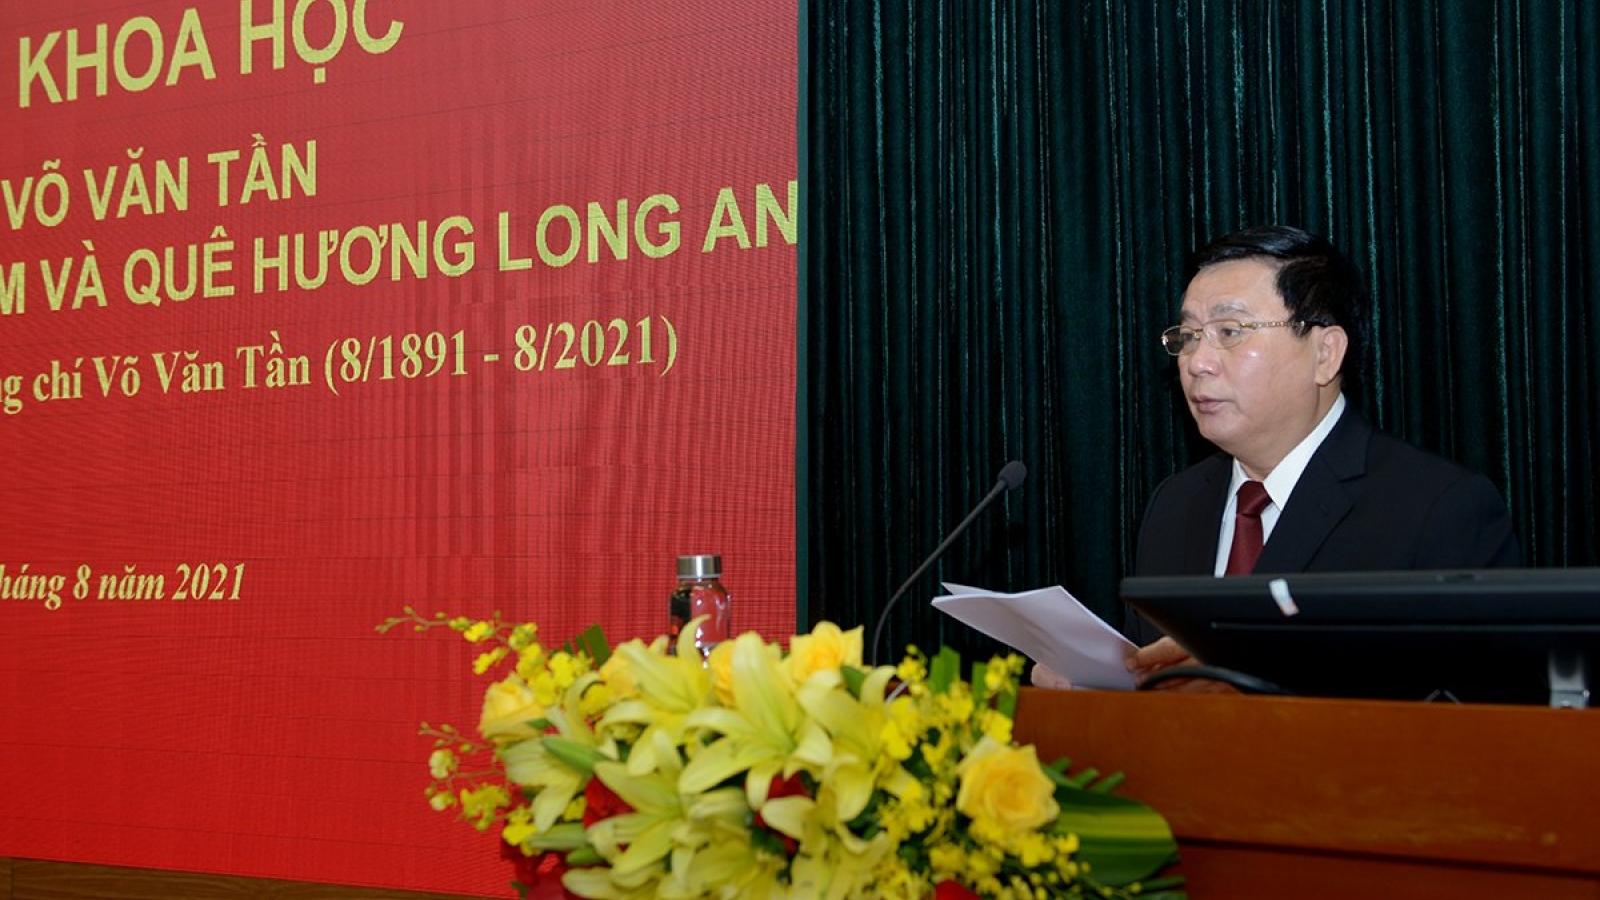 Hội thảo trực tuyến kỷ niệm 130 năm ngày sinh đồng chí Võ Văn Tần